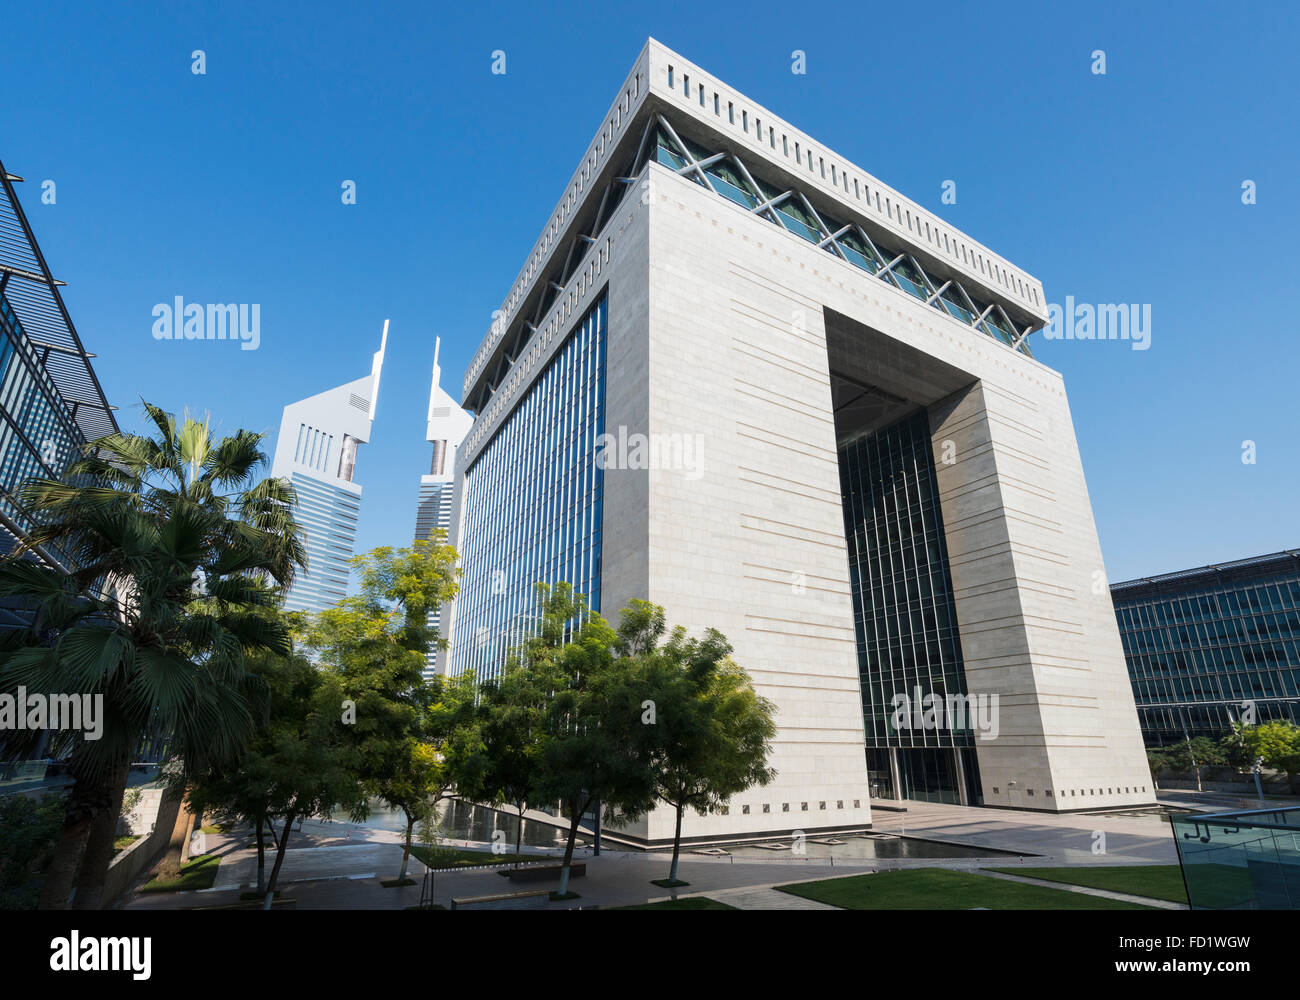 Das Torhaus im DIFC oder Dubai International Financial Centre in Dubai, Vereinigte Arabische Emirate VAE Naher Osten Stockbild